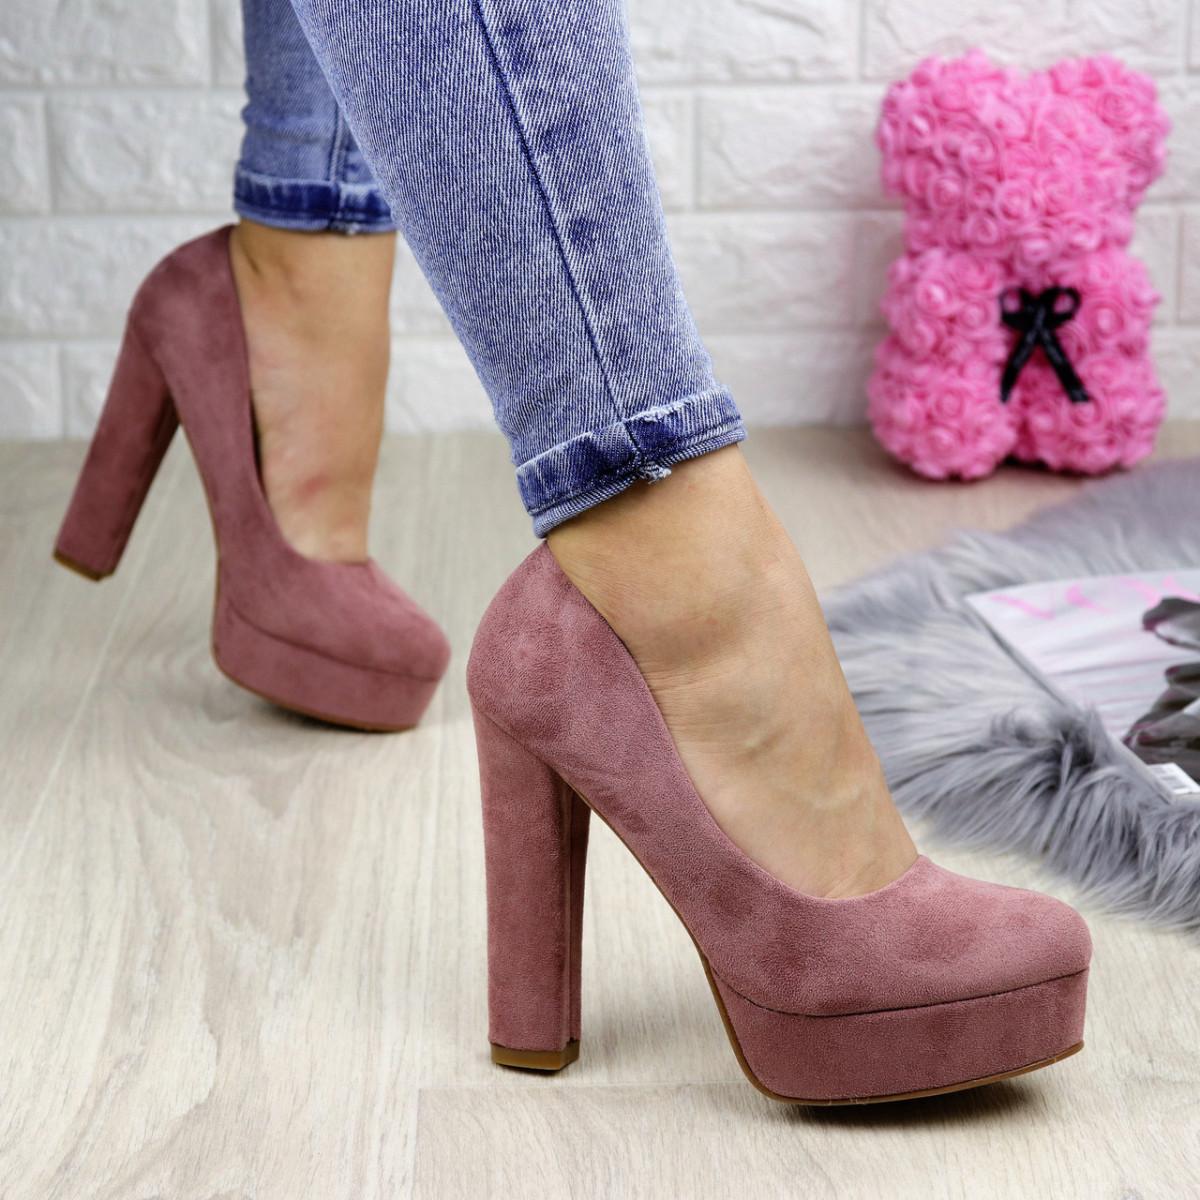 Туфлі жіночі на підборах Alana пудрові